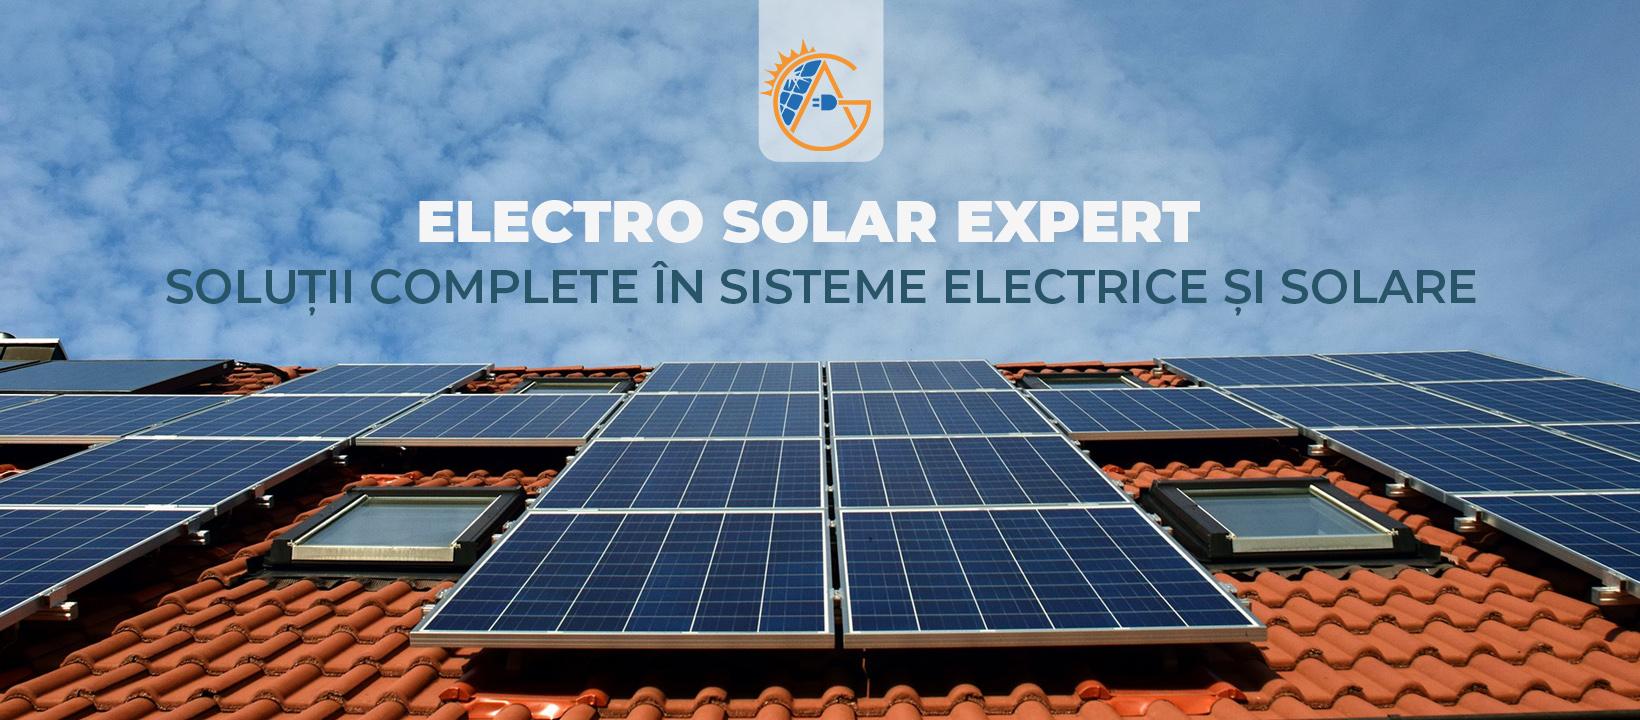 Electro Solar Expert